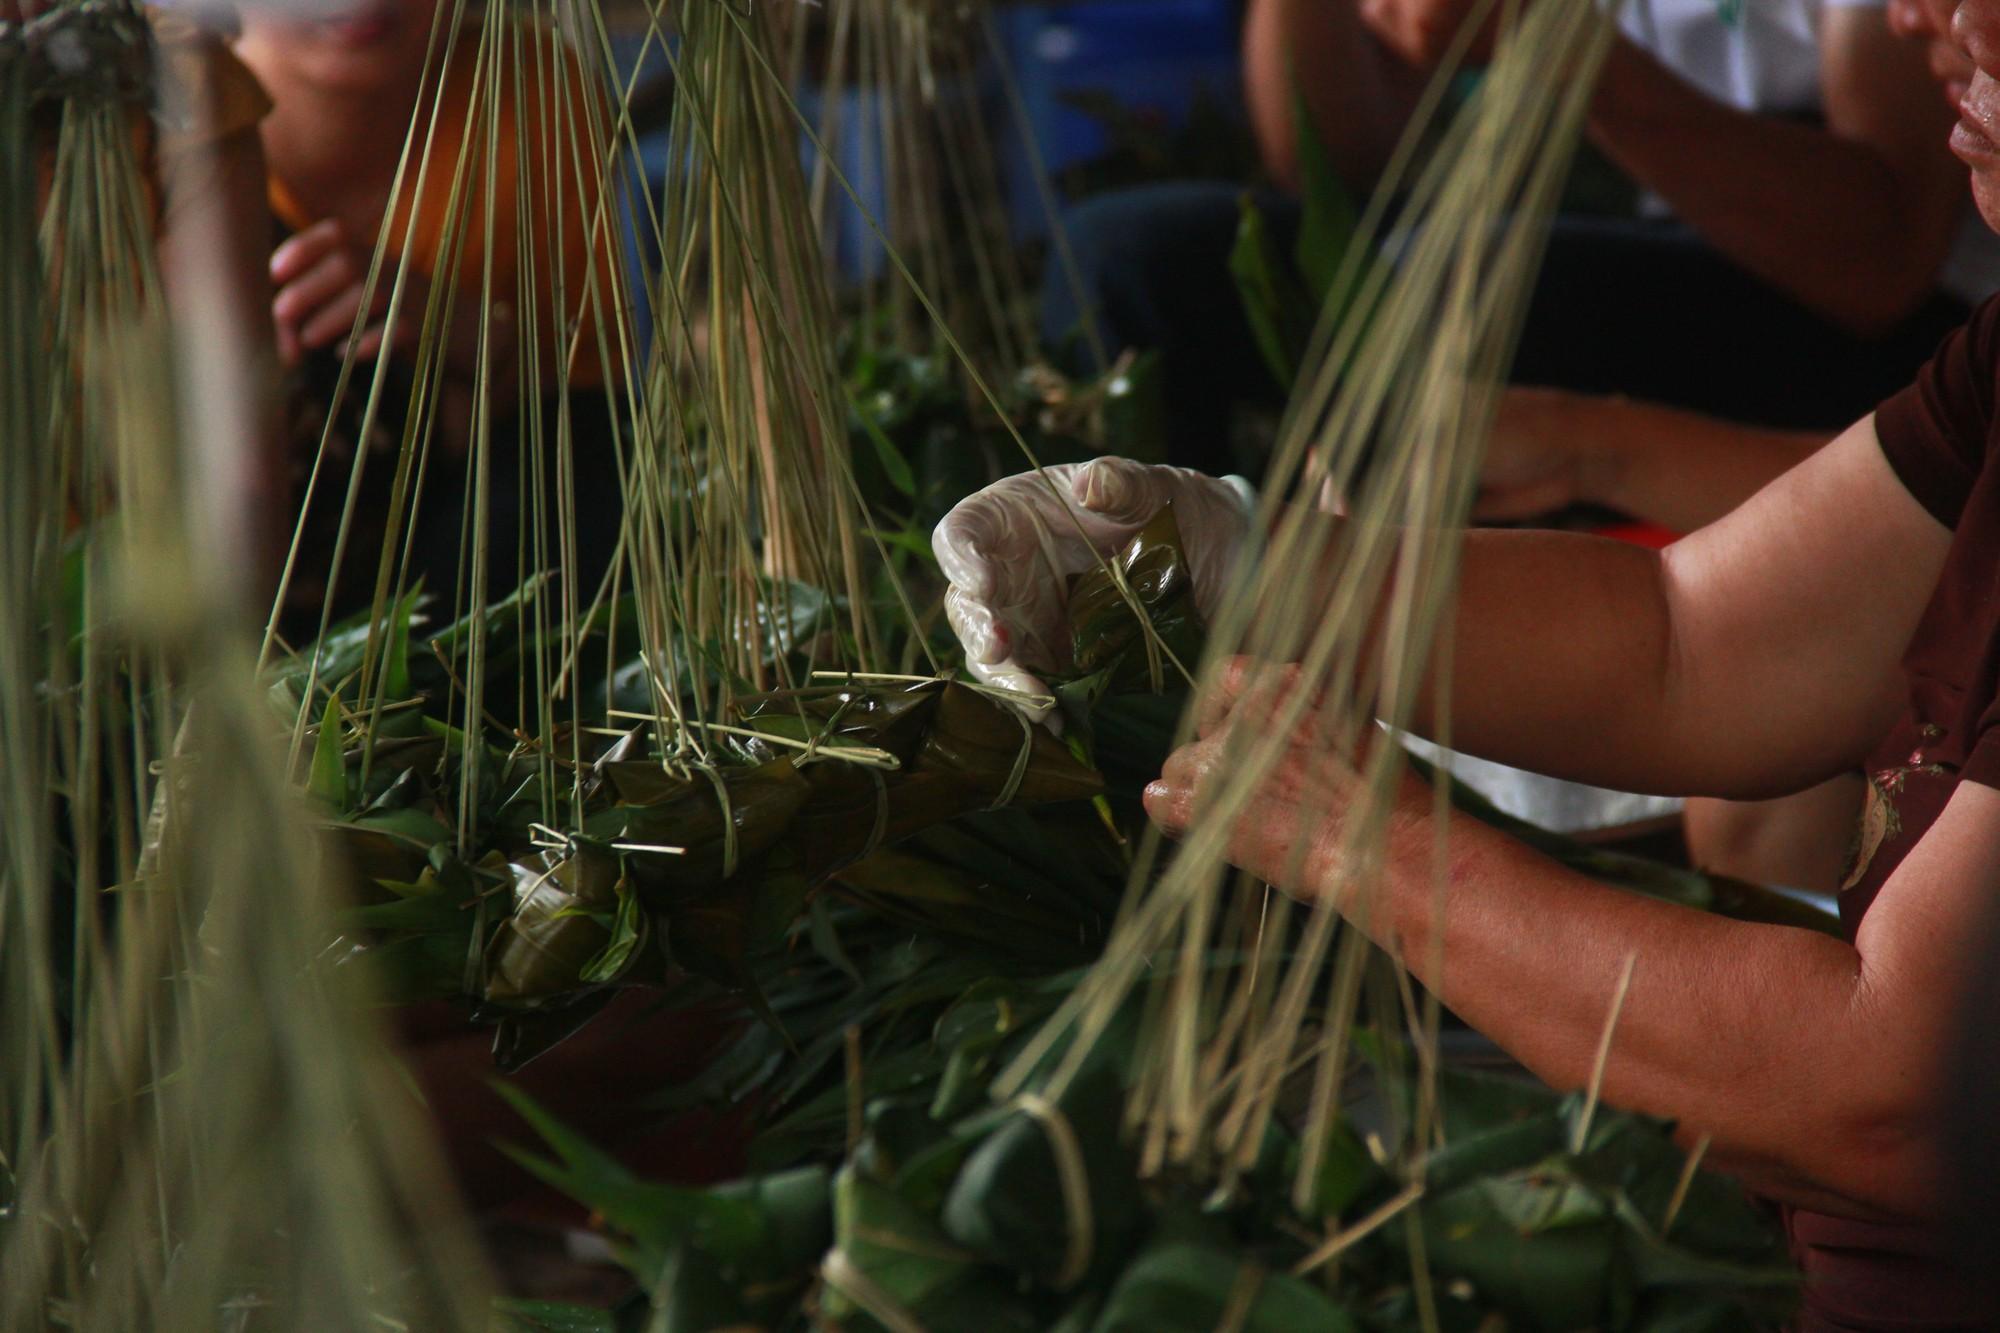 Xóm bánh ú tro nửa thế kỷ lừng danh ở Sài Gòn, đỏ lửa 5 ngày đêm để nấu bánh dịp Tết Đoan Ngọ - Ảnh 4